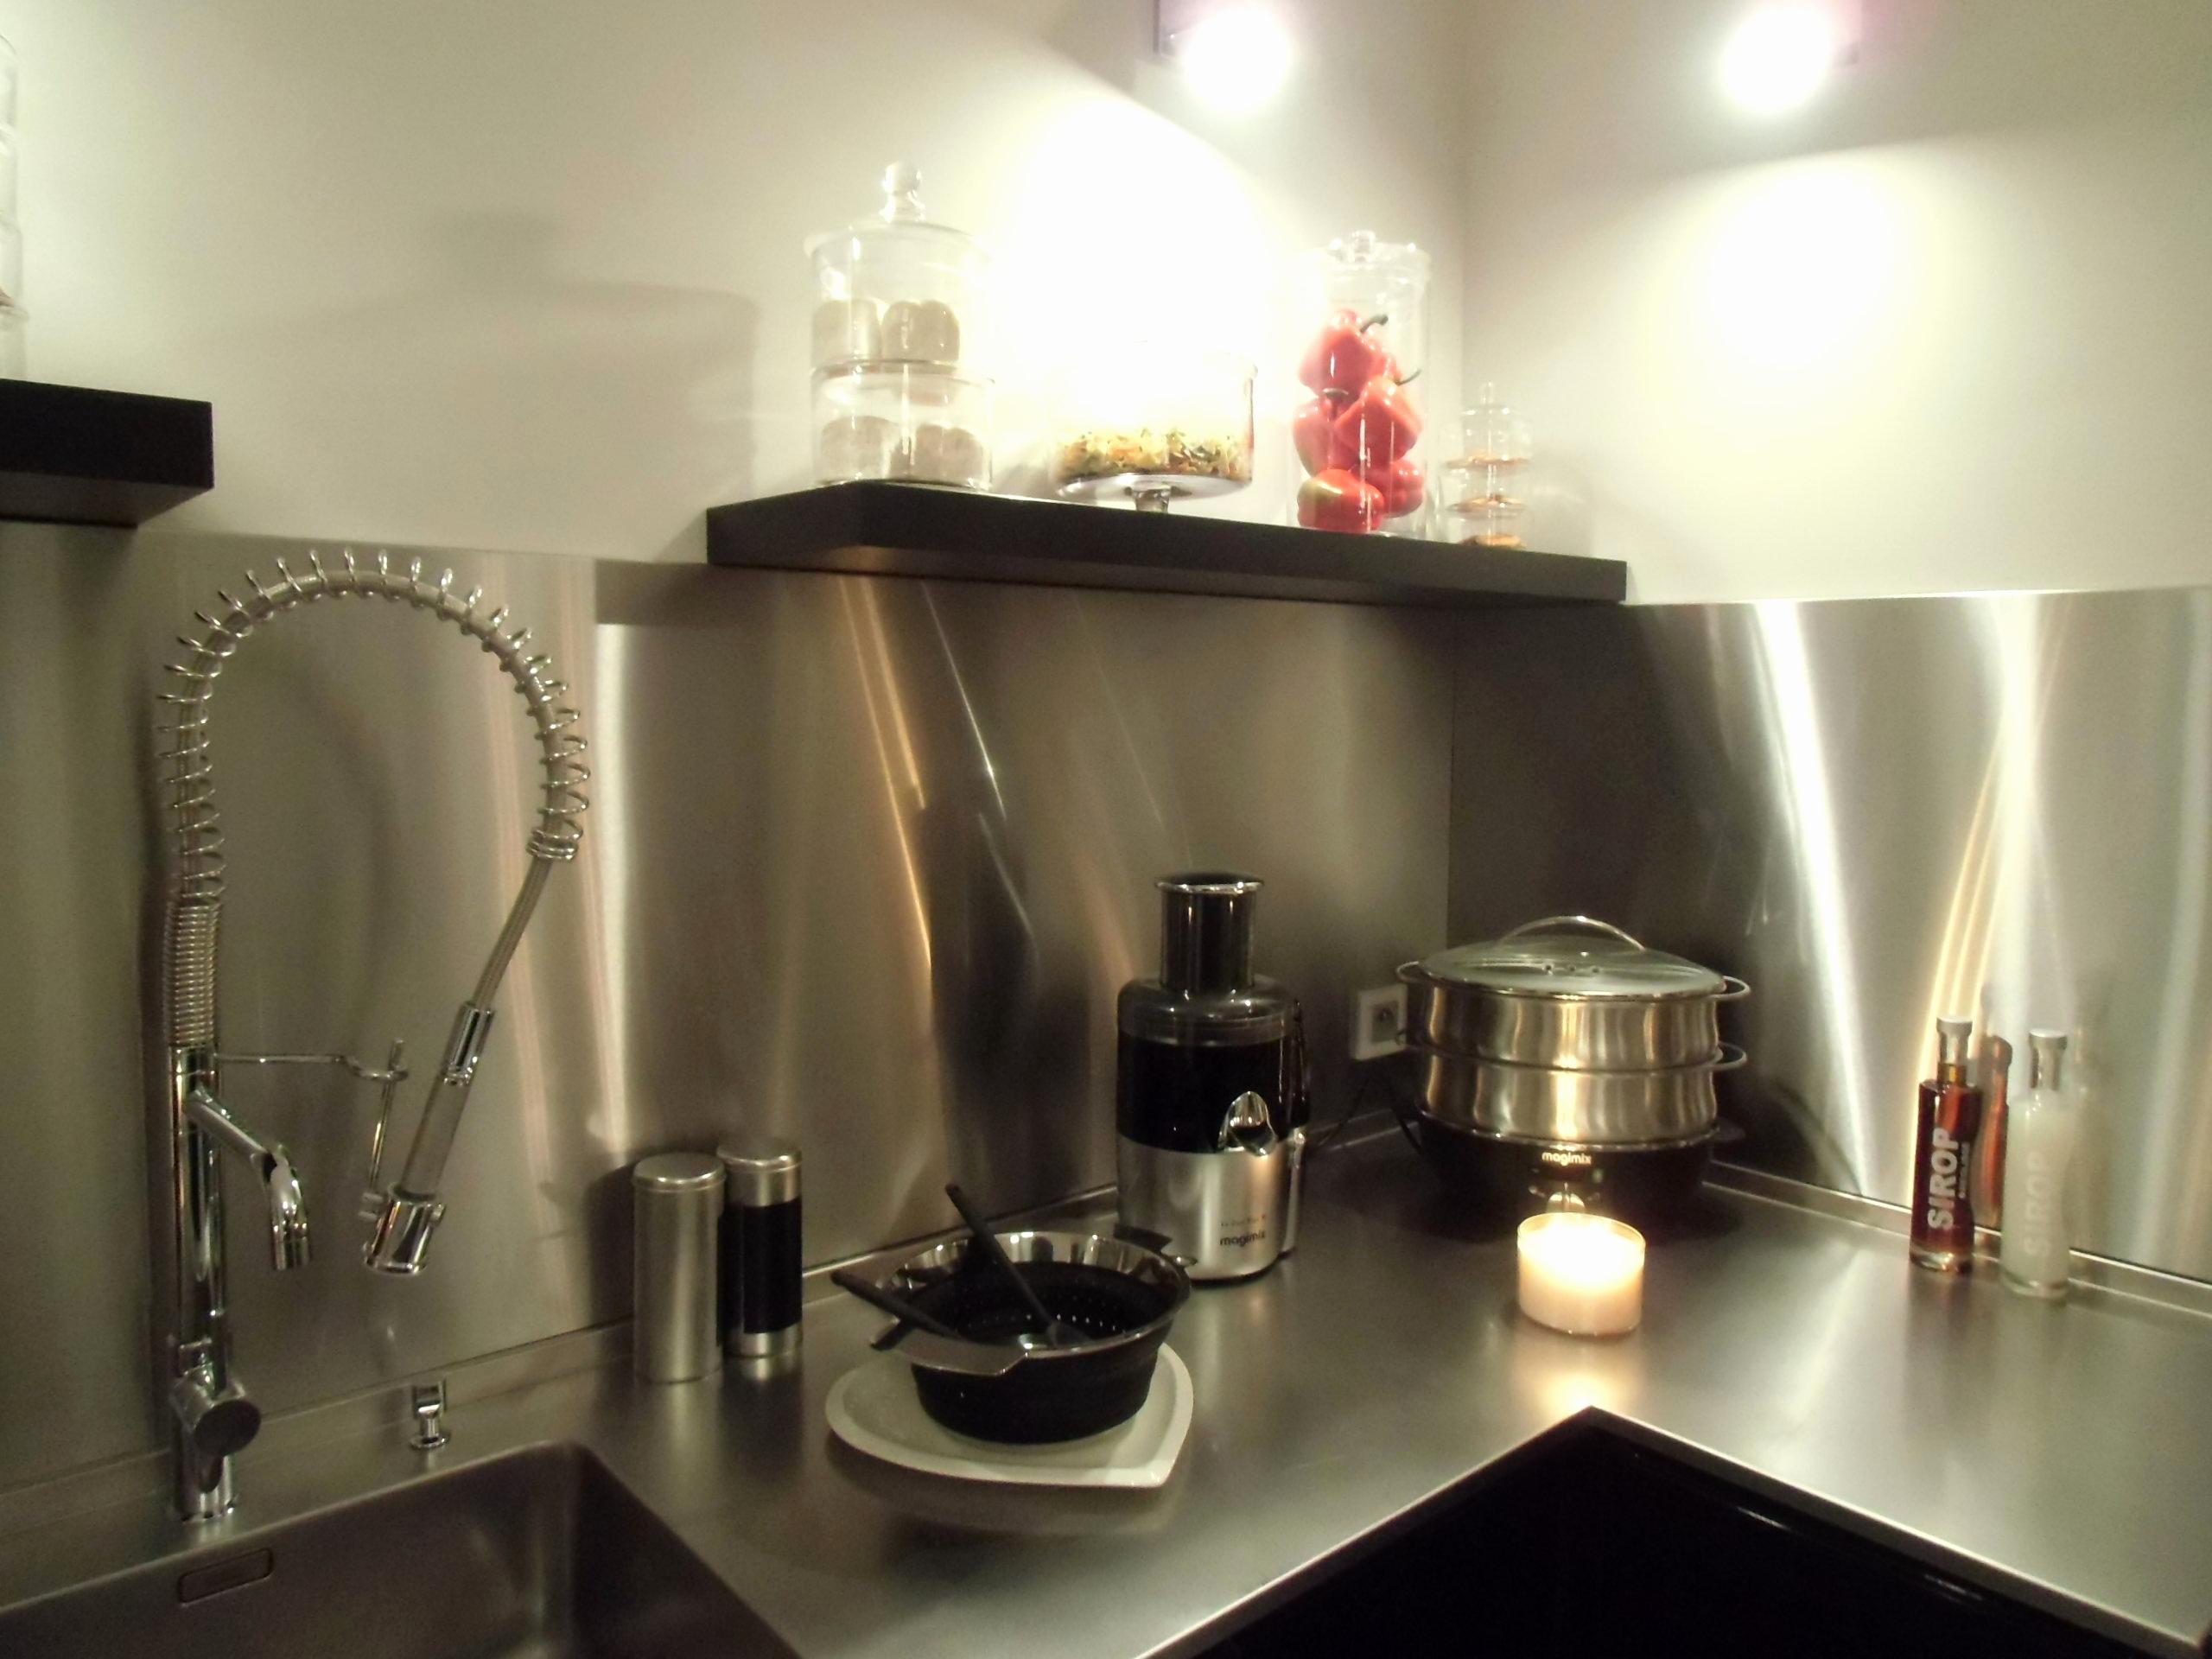 Castorama Fond De Hotte Beau Photos Castorama Credence Inox Beau Credence Inox Cuisine Frais Fond De